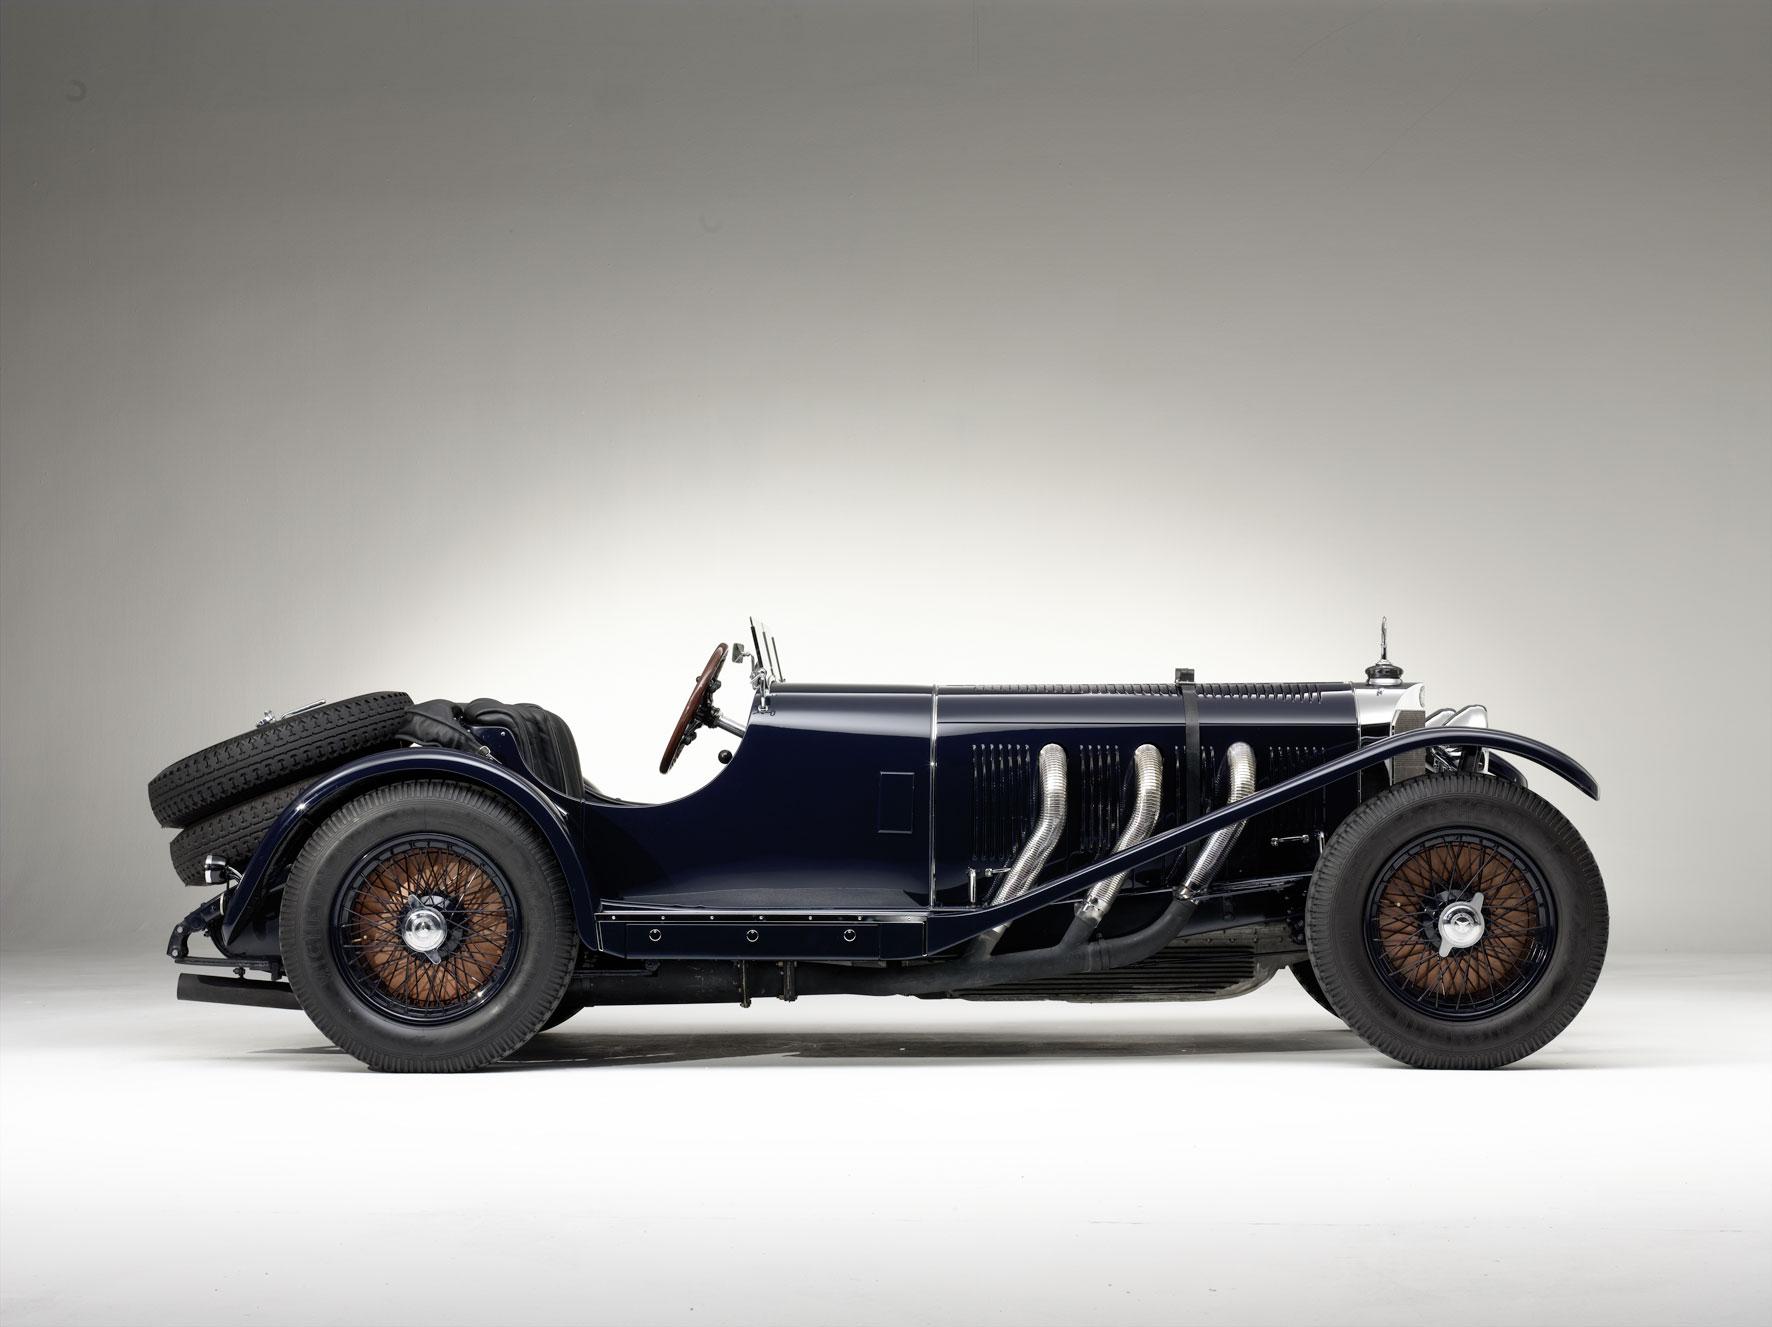 Ferdinand Porsche Automotive Engineer Designer Of World S First Gasoline Electric Hybrid